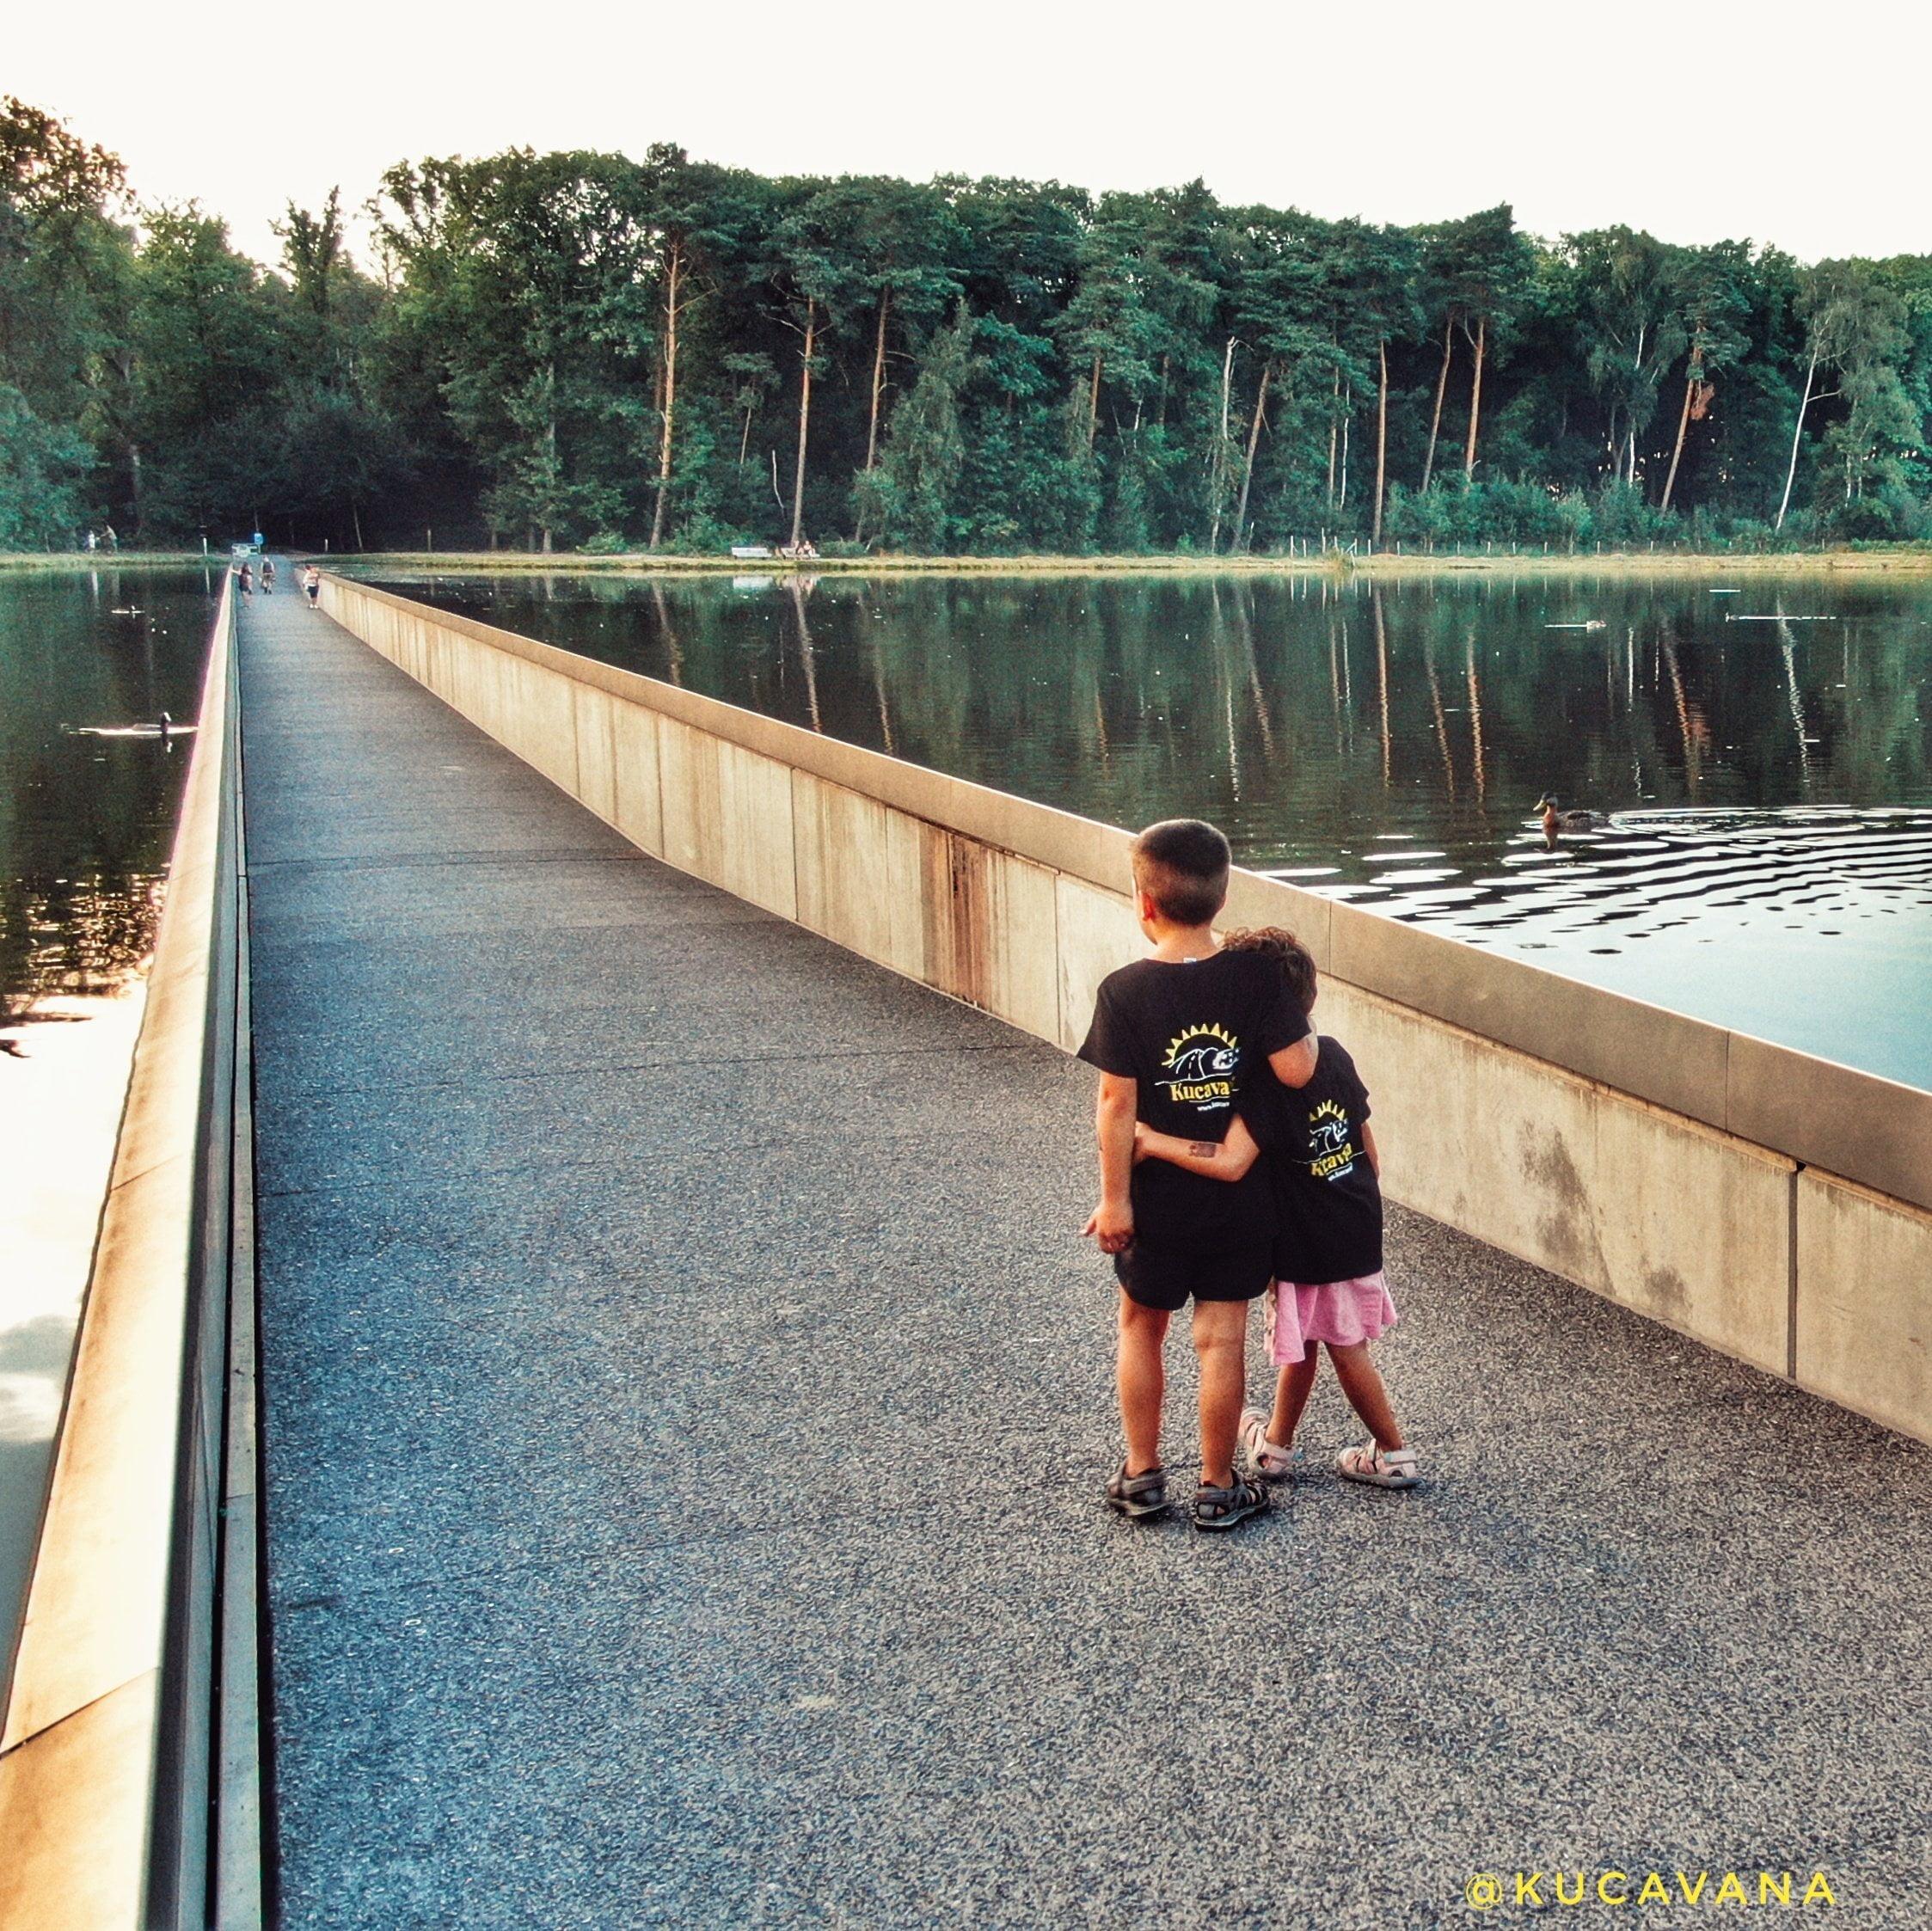 belgica en bicicleta en bokrijk park